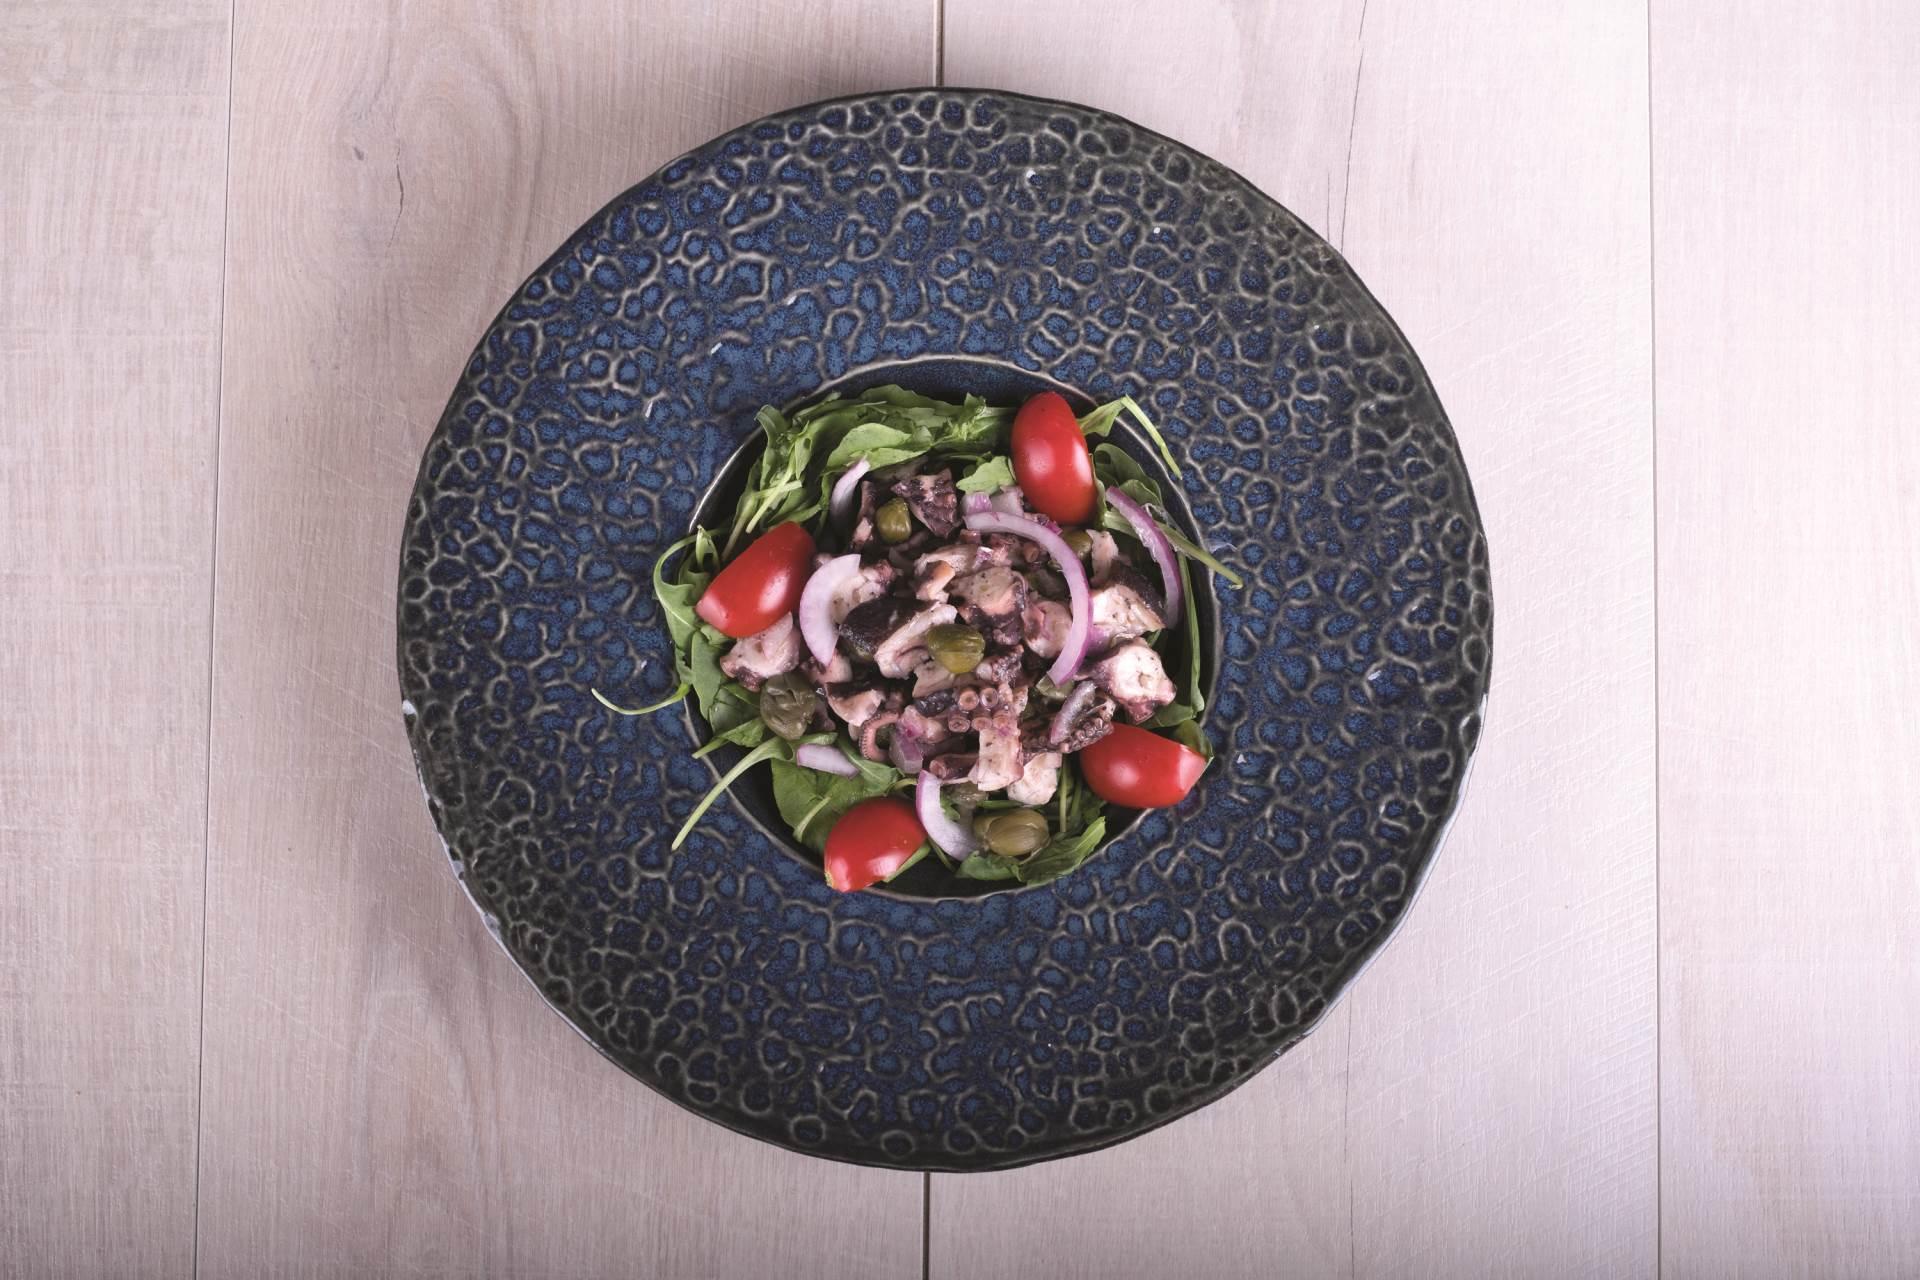 Salata od hobotnice by Karmela Vukov-Colic